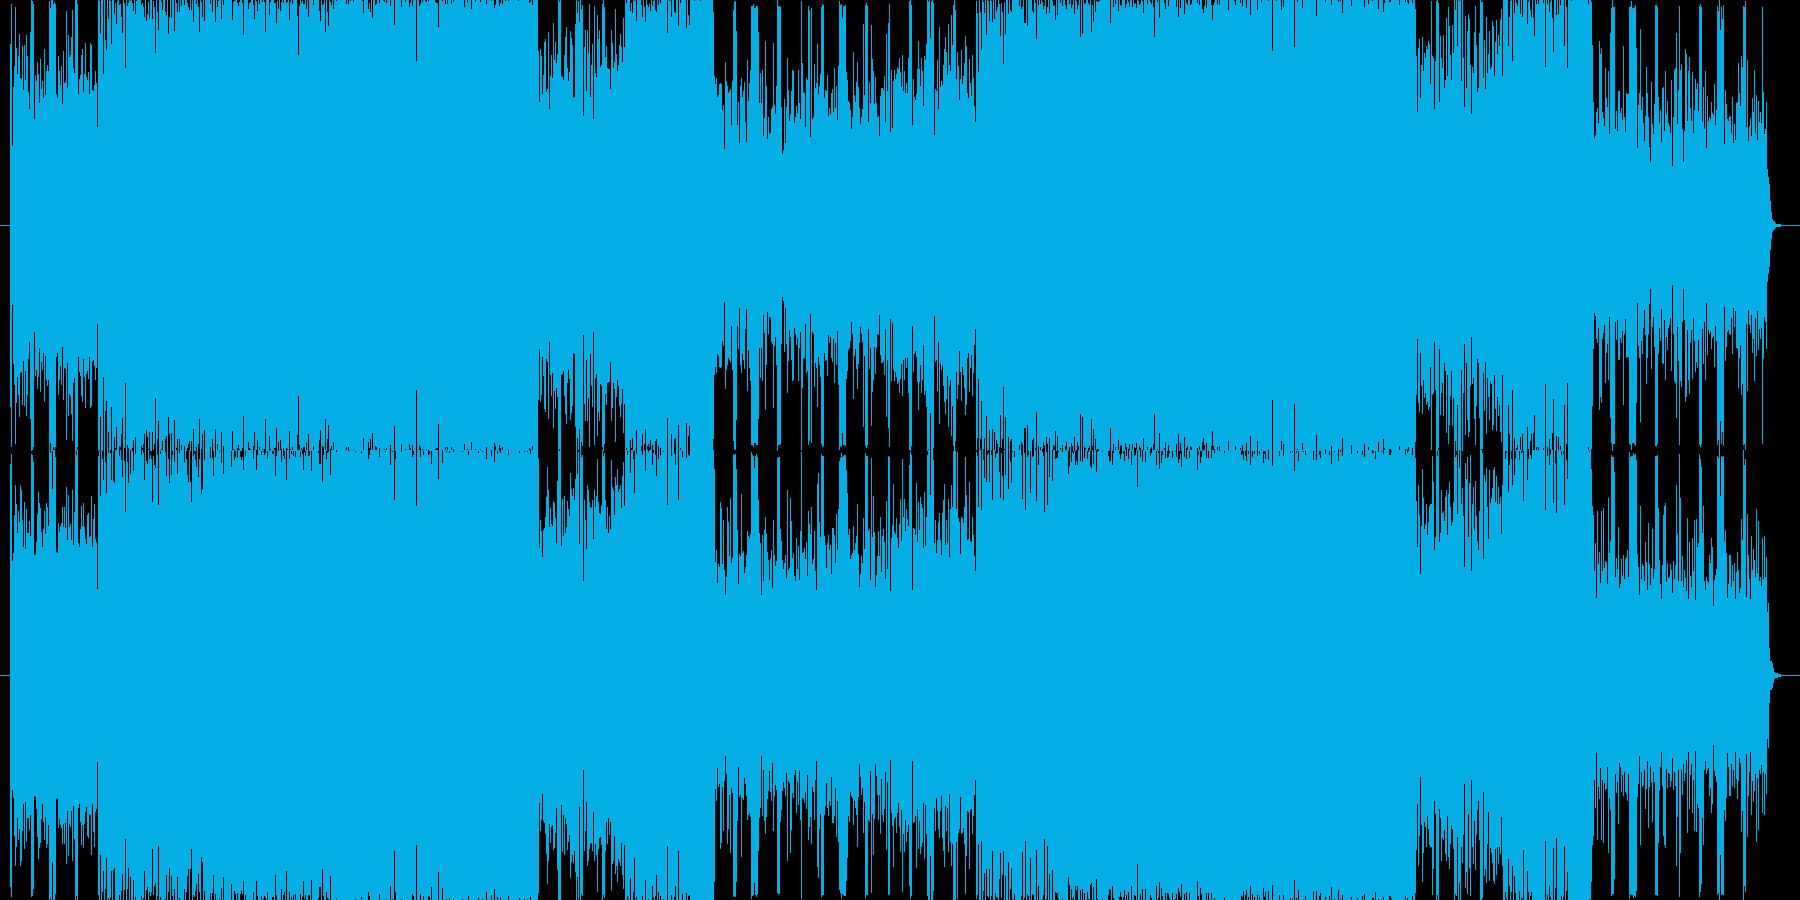 【楽しいゲーム風BGM】リフレインの再生済みの波形